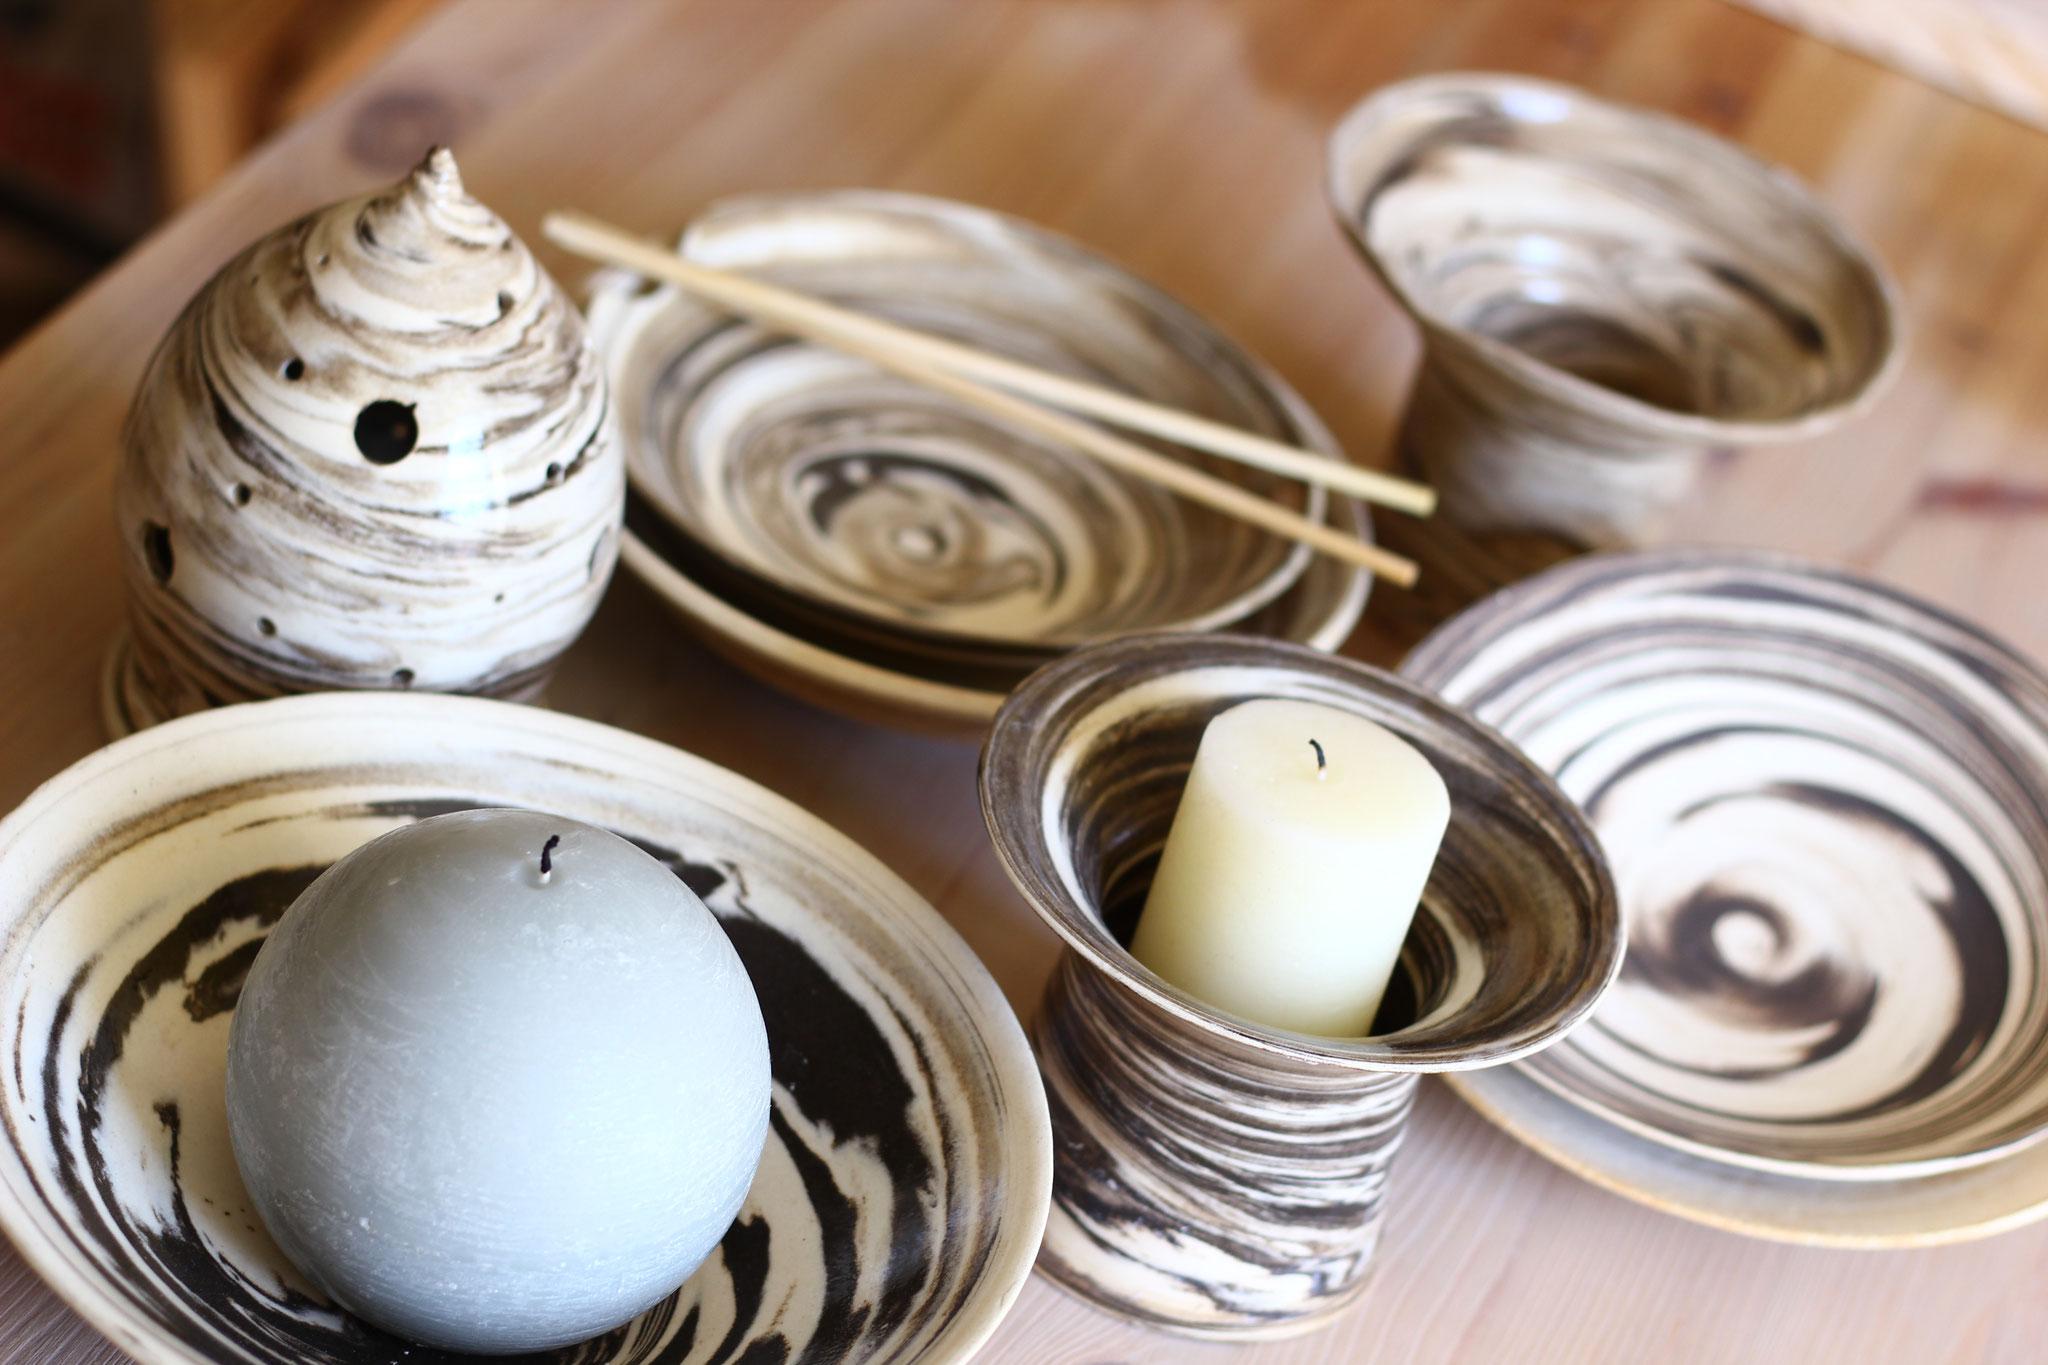 le savoir faire d'un artisan potier créant des pièces originales pour terra manusia